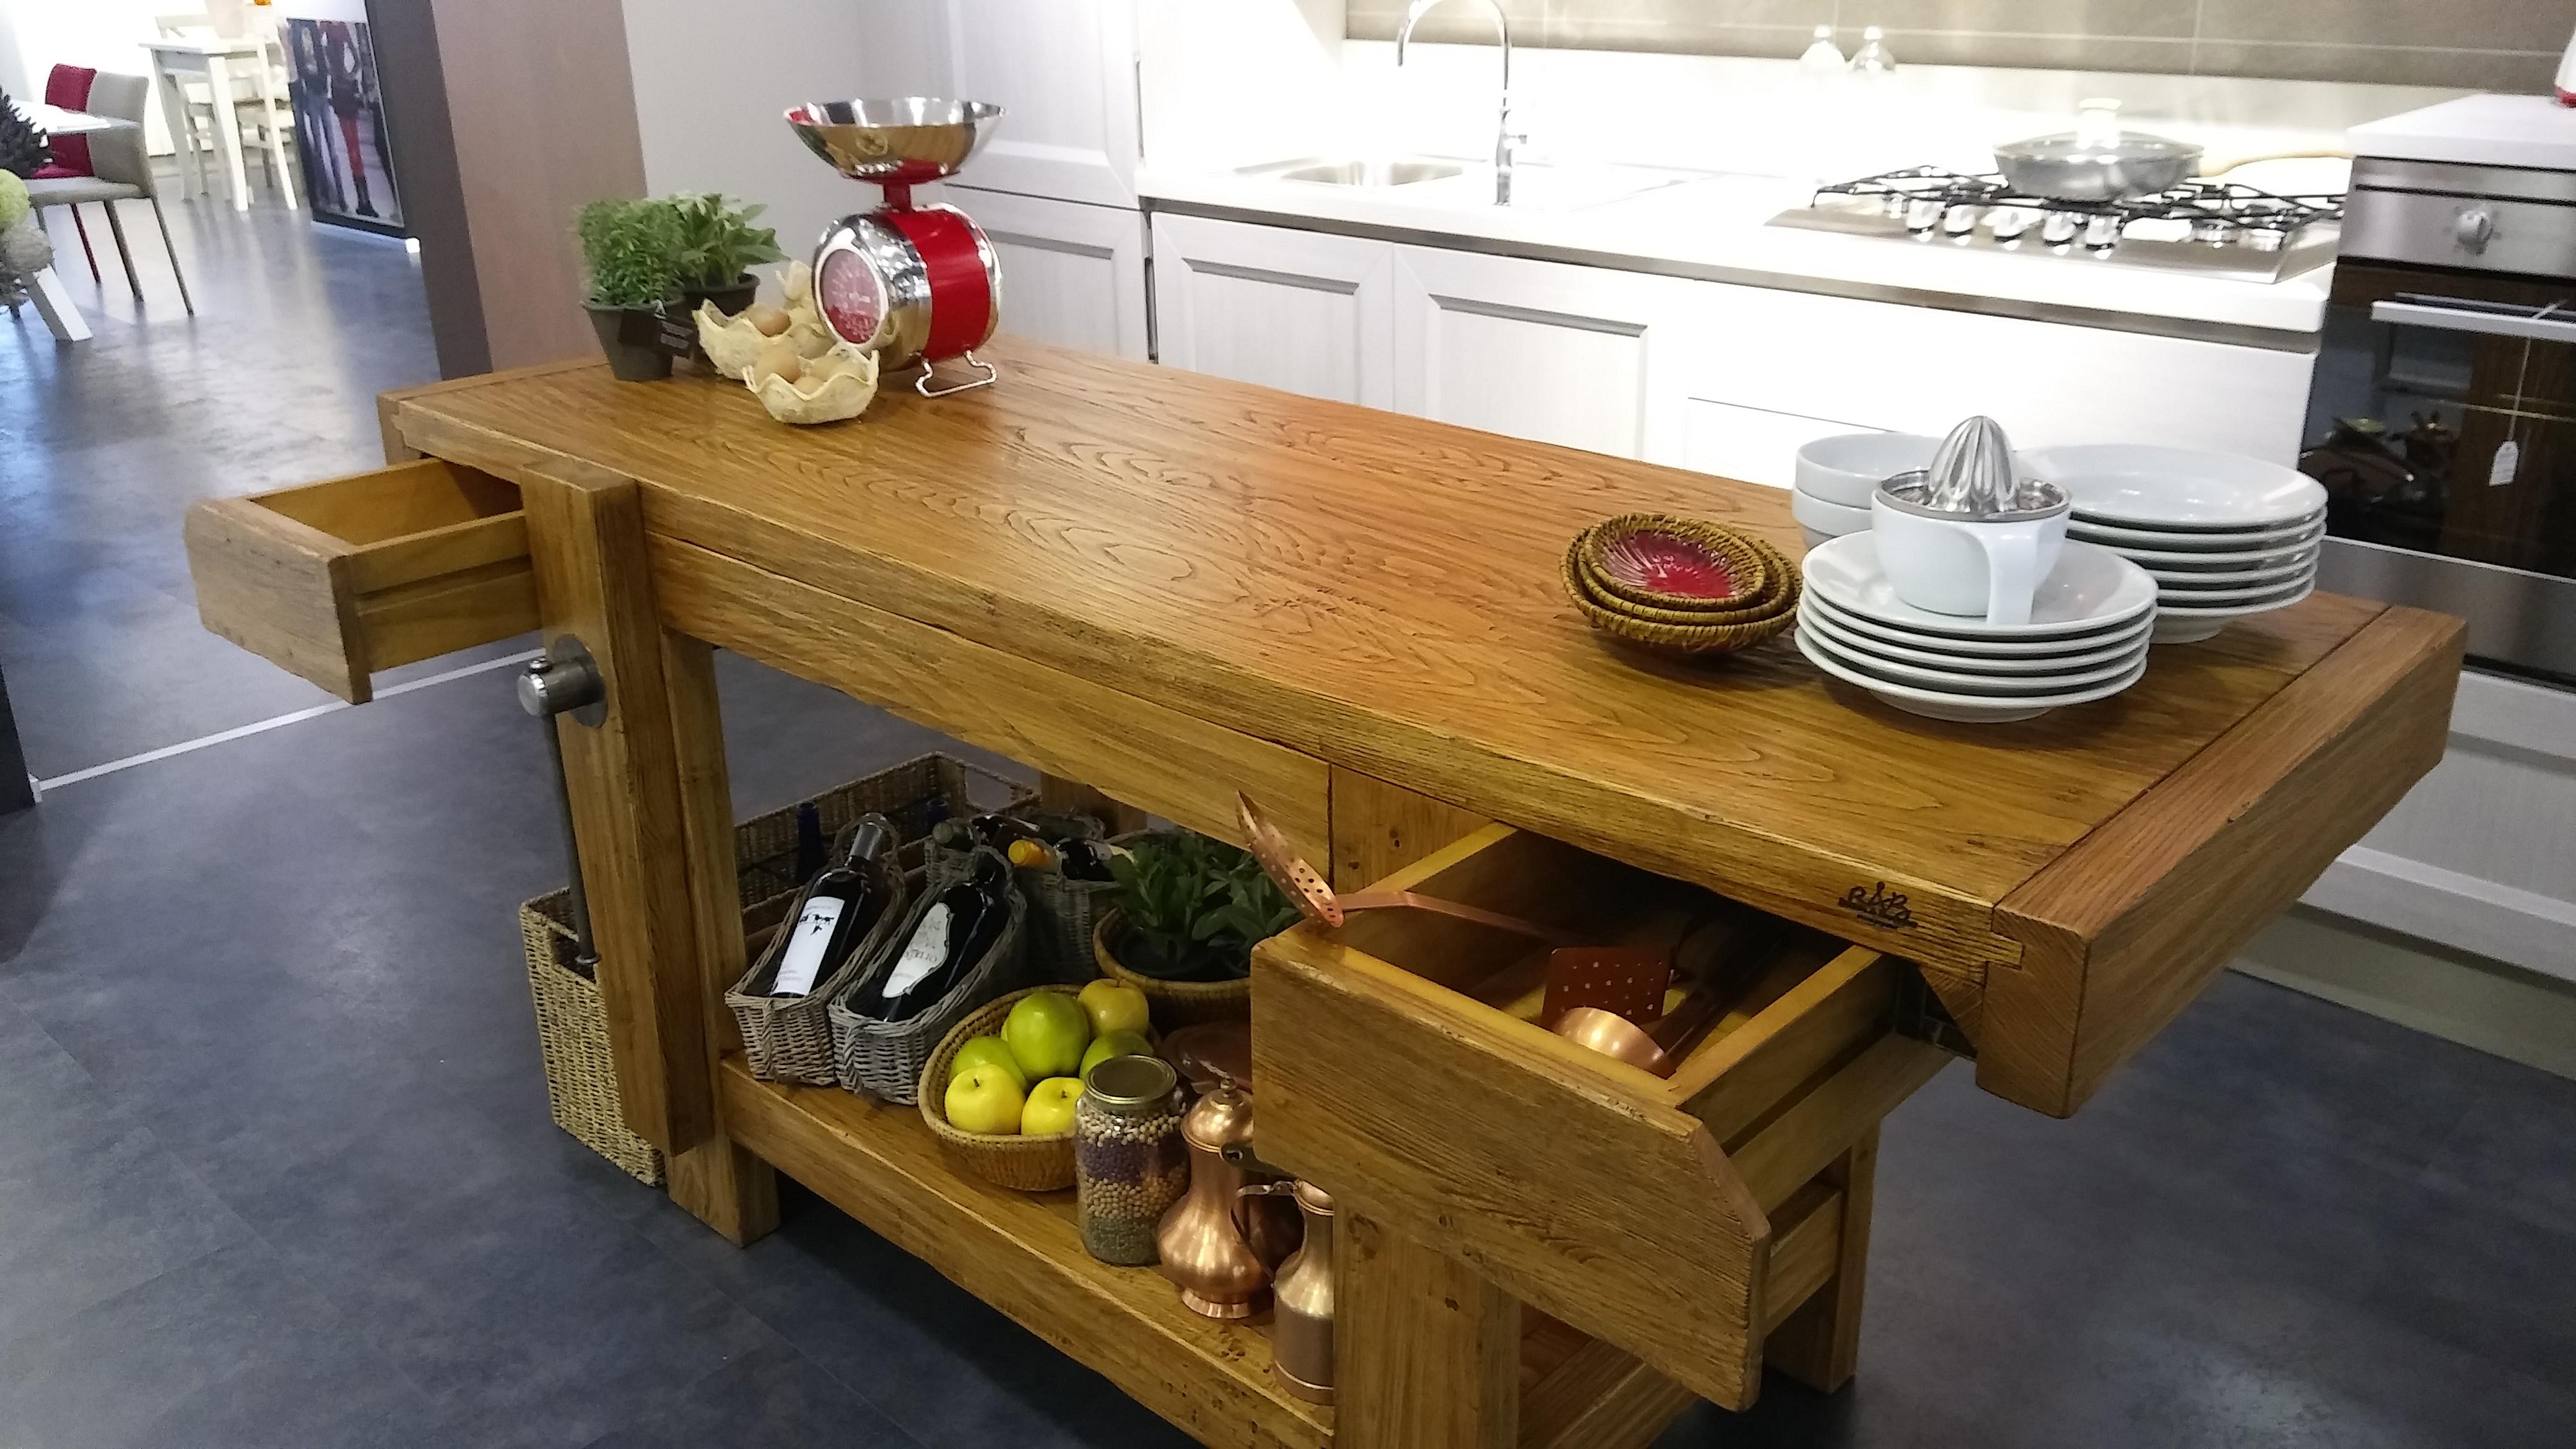 Banco Da Lavoro Per Cucina. Simple With Banco Da Lavoro Per Cucina ...